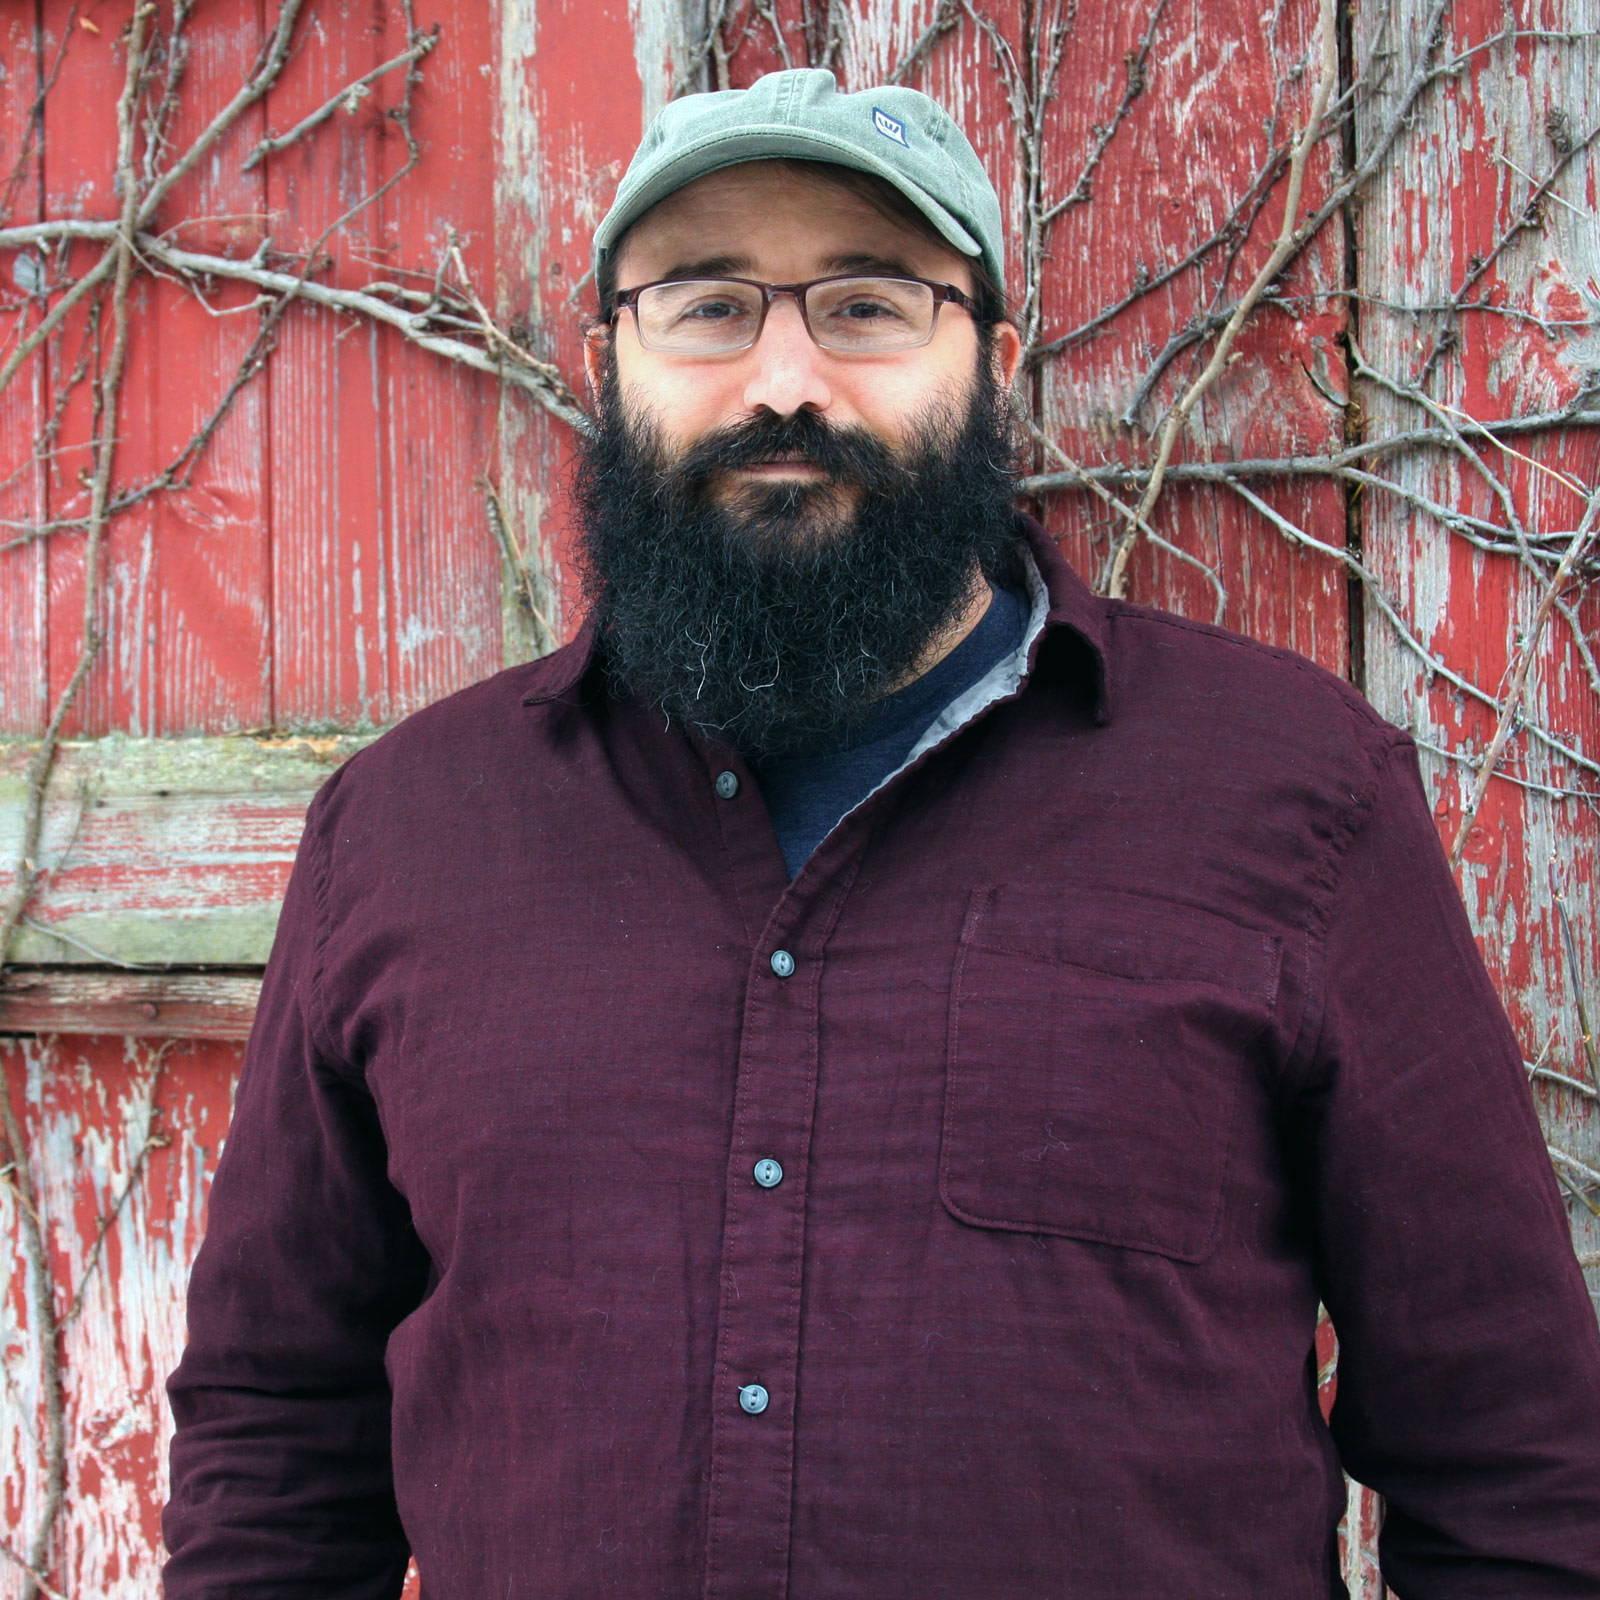 Author Bevin Cohen